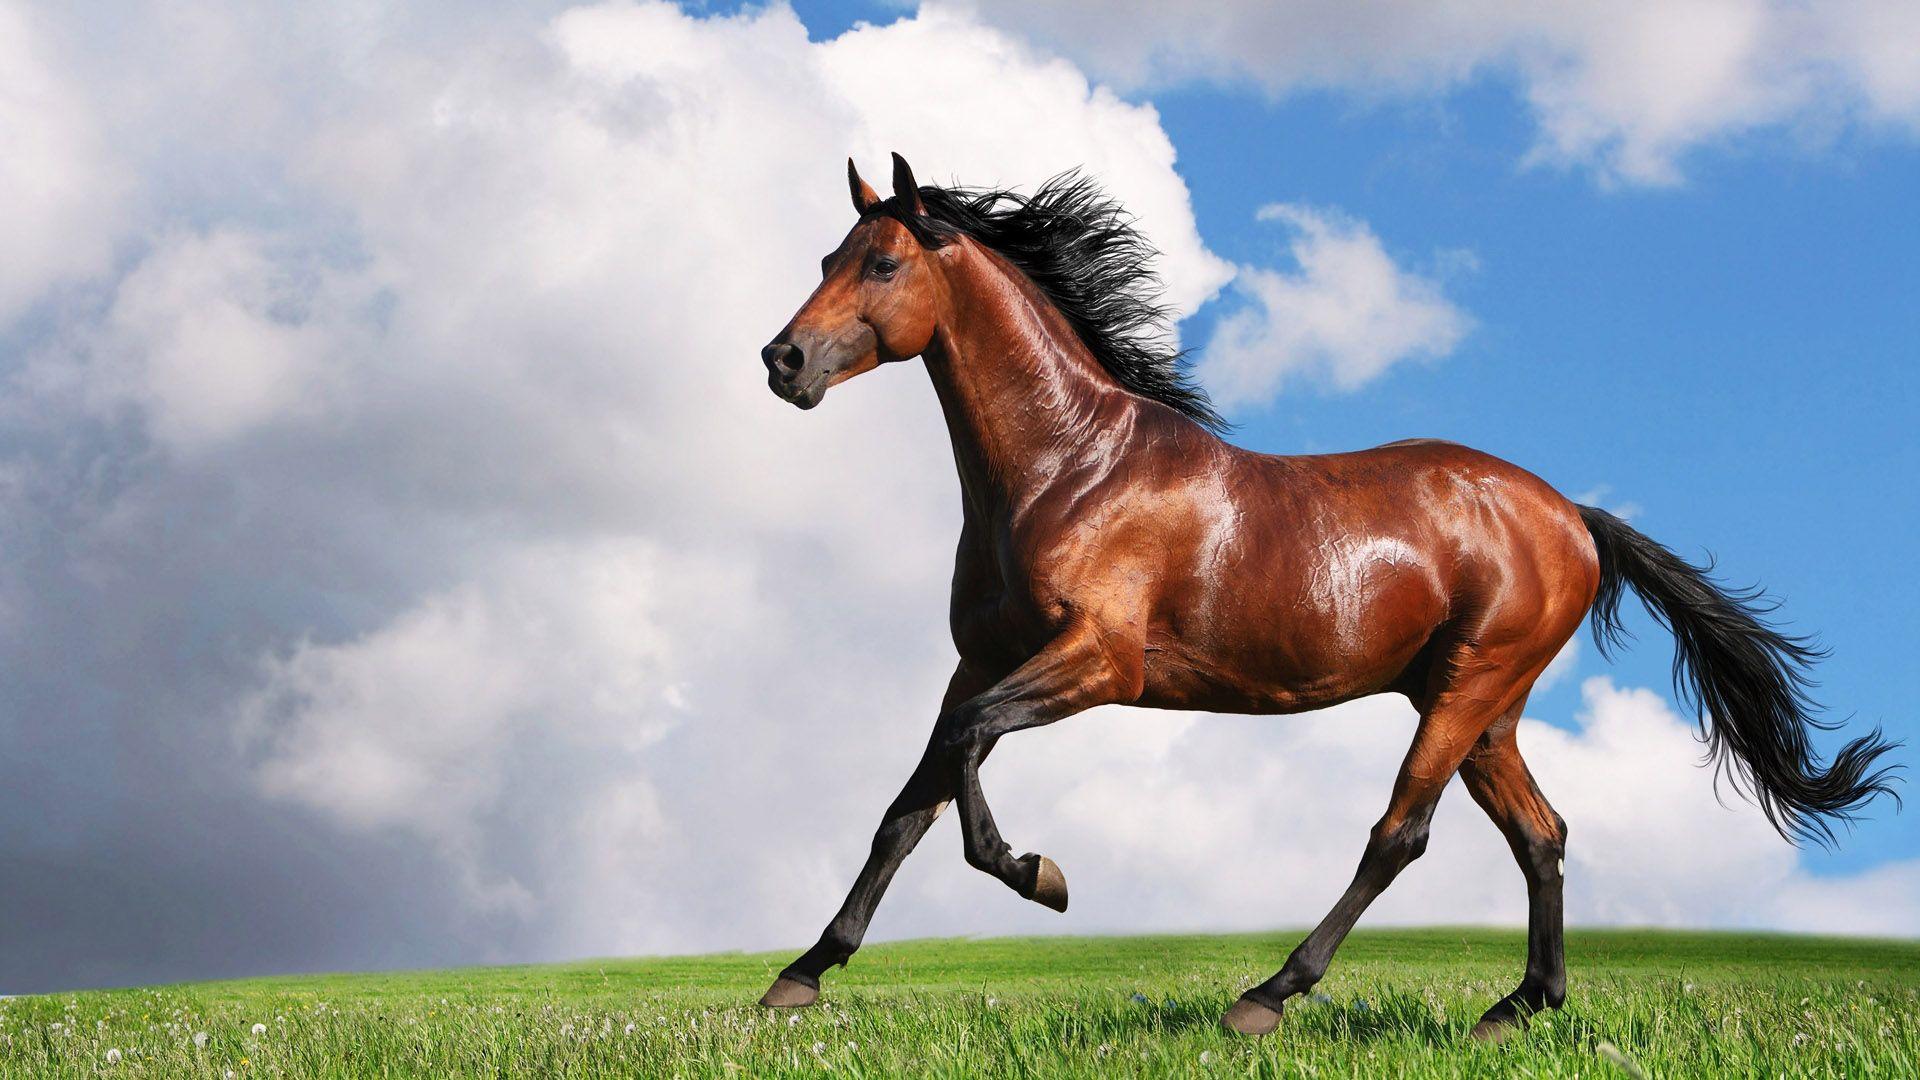 Great Wallpaper Horse Beauty - 3576633c1672d782dfe4b942d05cb99d  Collection_904640.jpg